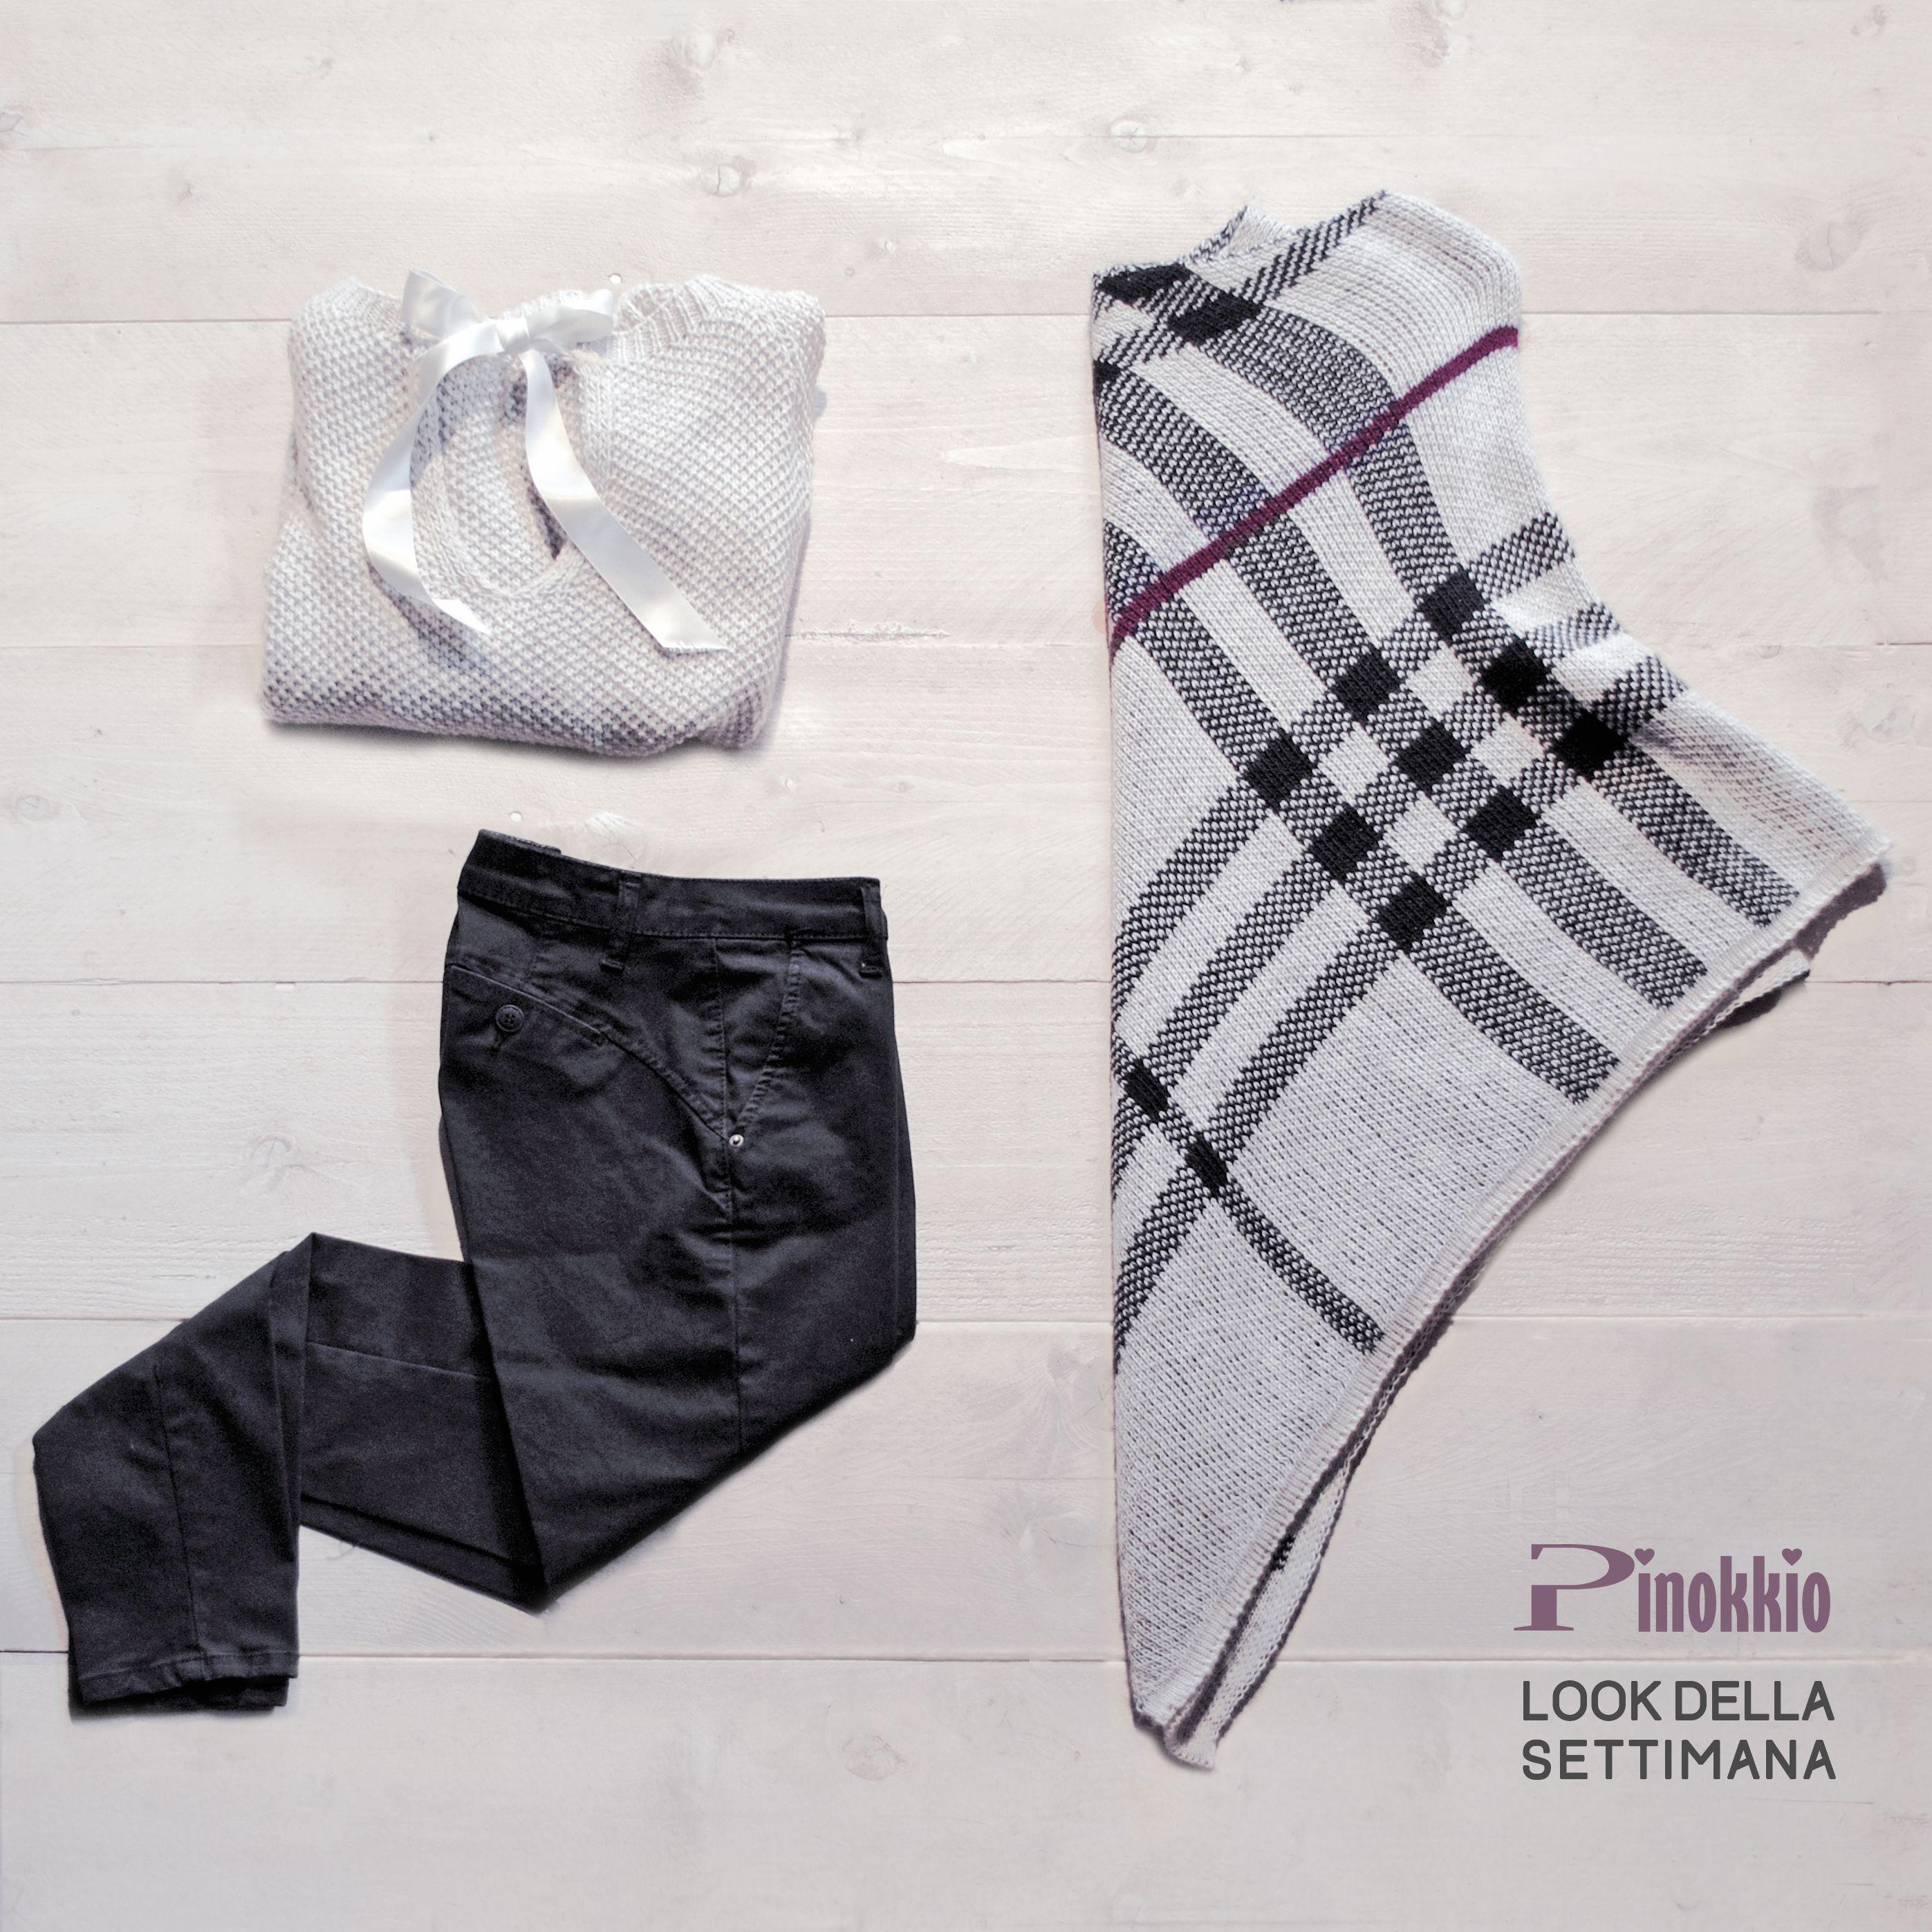 Maglioncino con fiocco in raso sulla schiena, poncio in fantasia scozzese, pantalone nero pushup